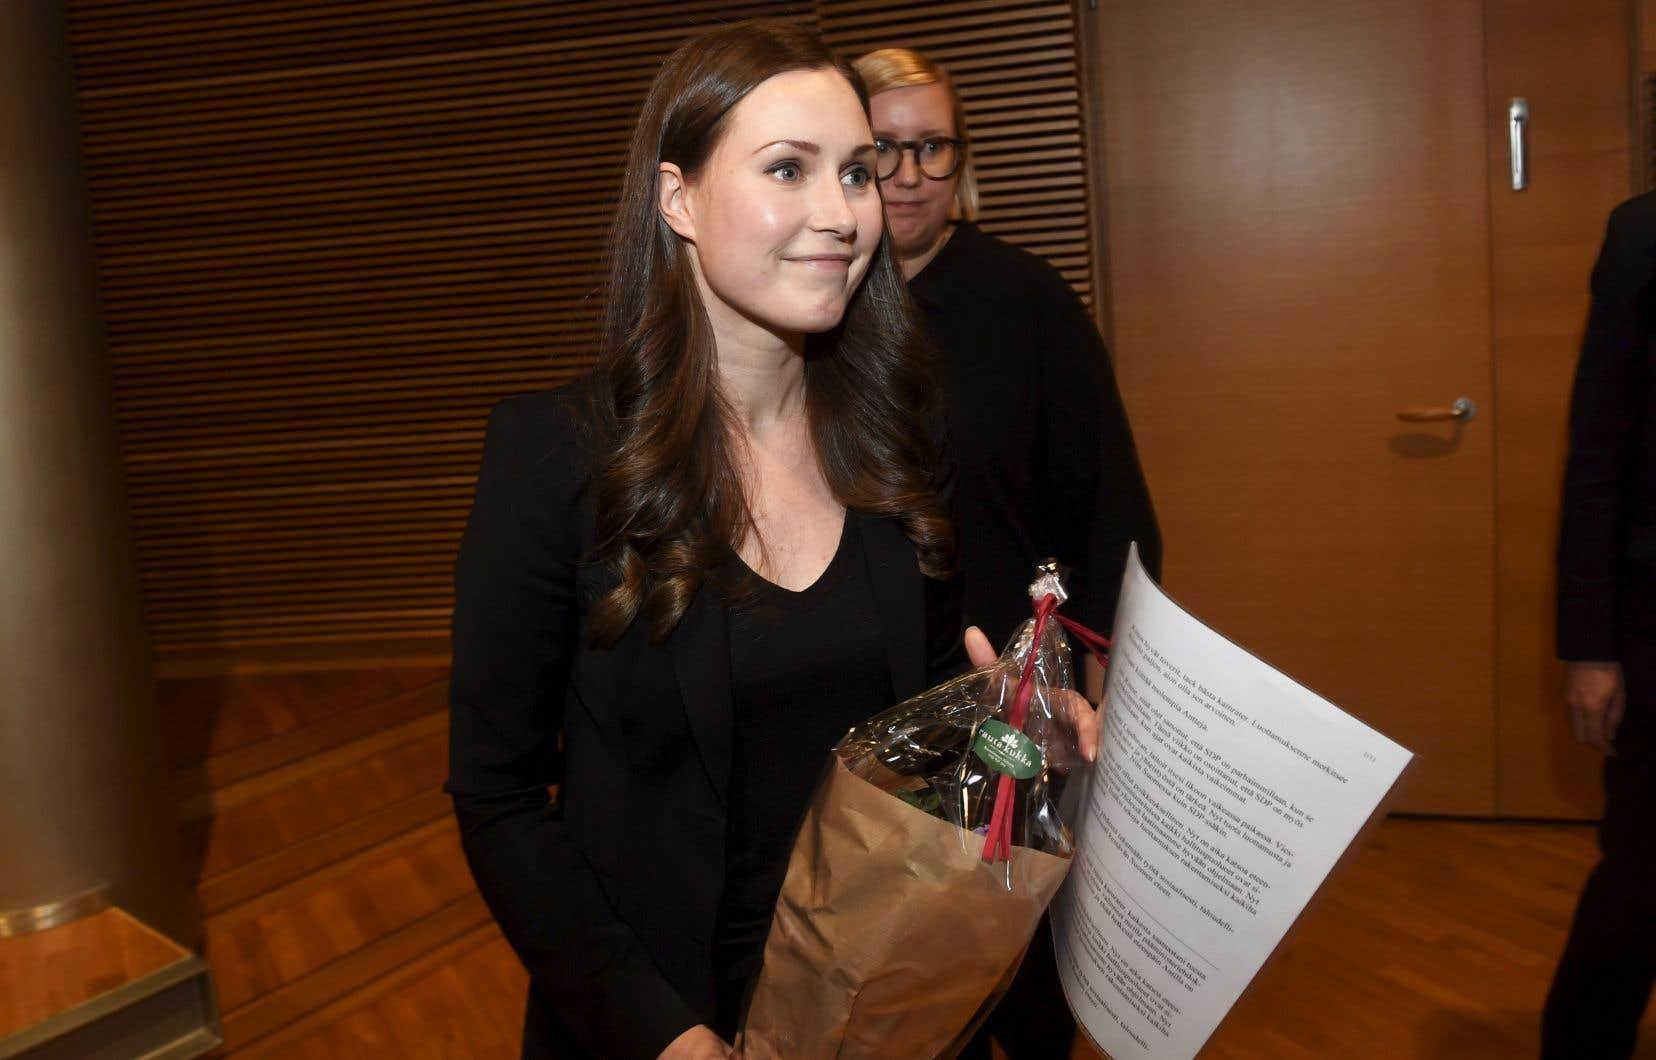 Sanna Marin a été désignée d'un cheveu dimanche par le SDP pour succéder à Antti Rinne, qui avait démissionné quelques jours plus tôt après avoir perdu la confiance du parti du Centre, membre de la coalition au pouvoir.